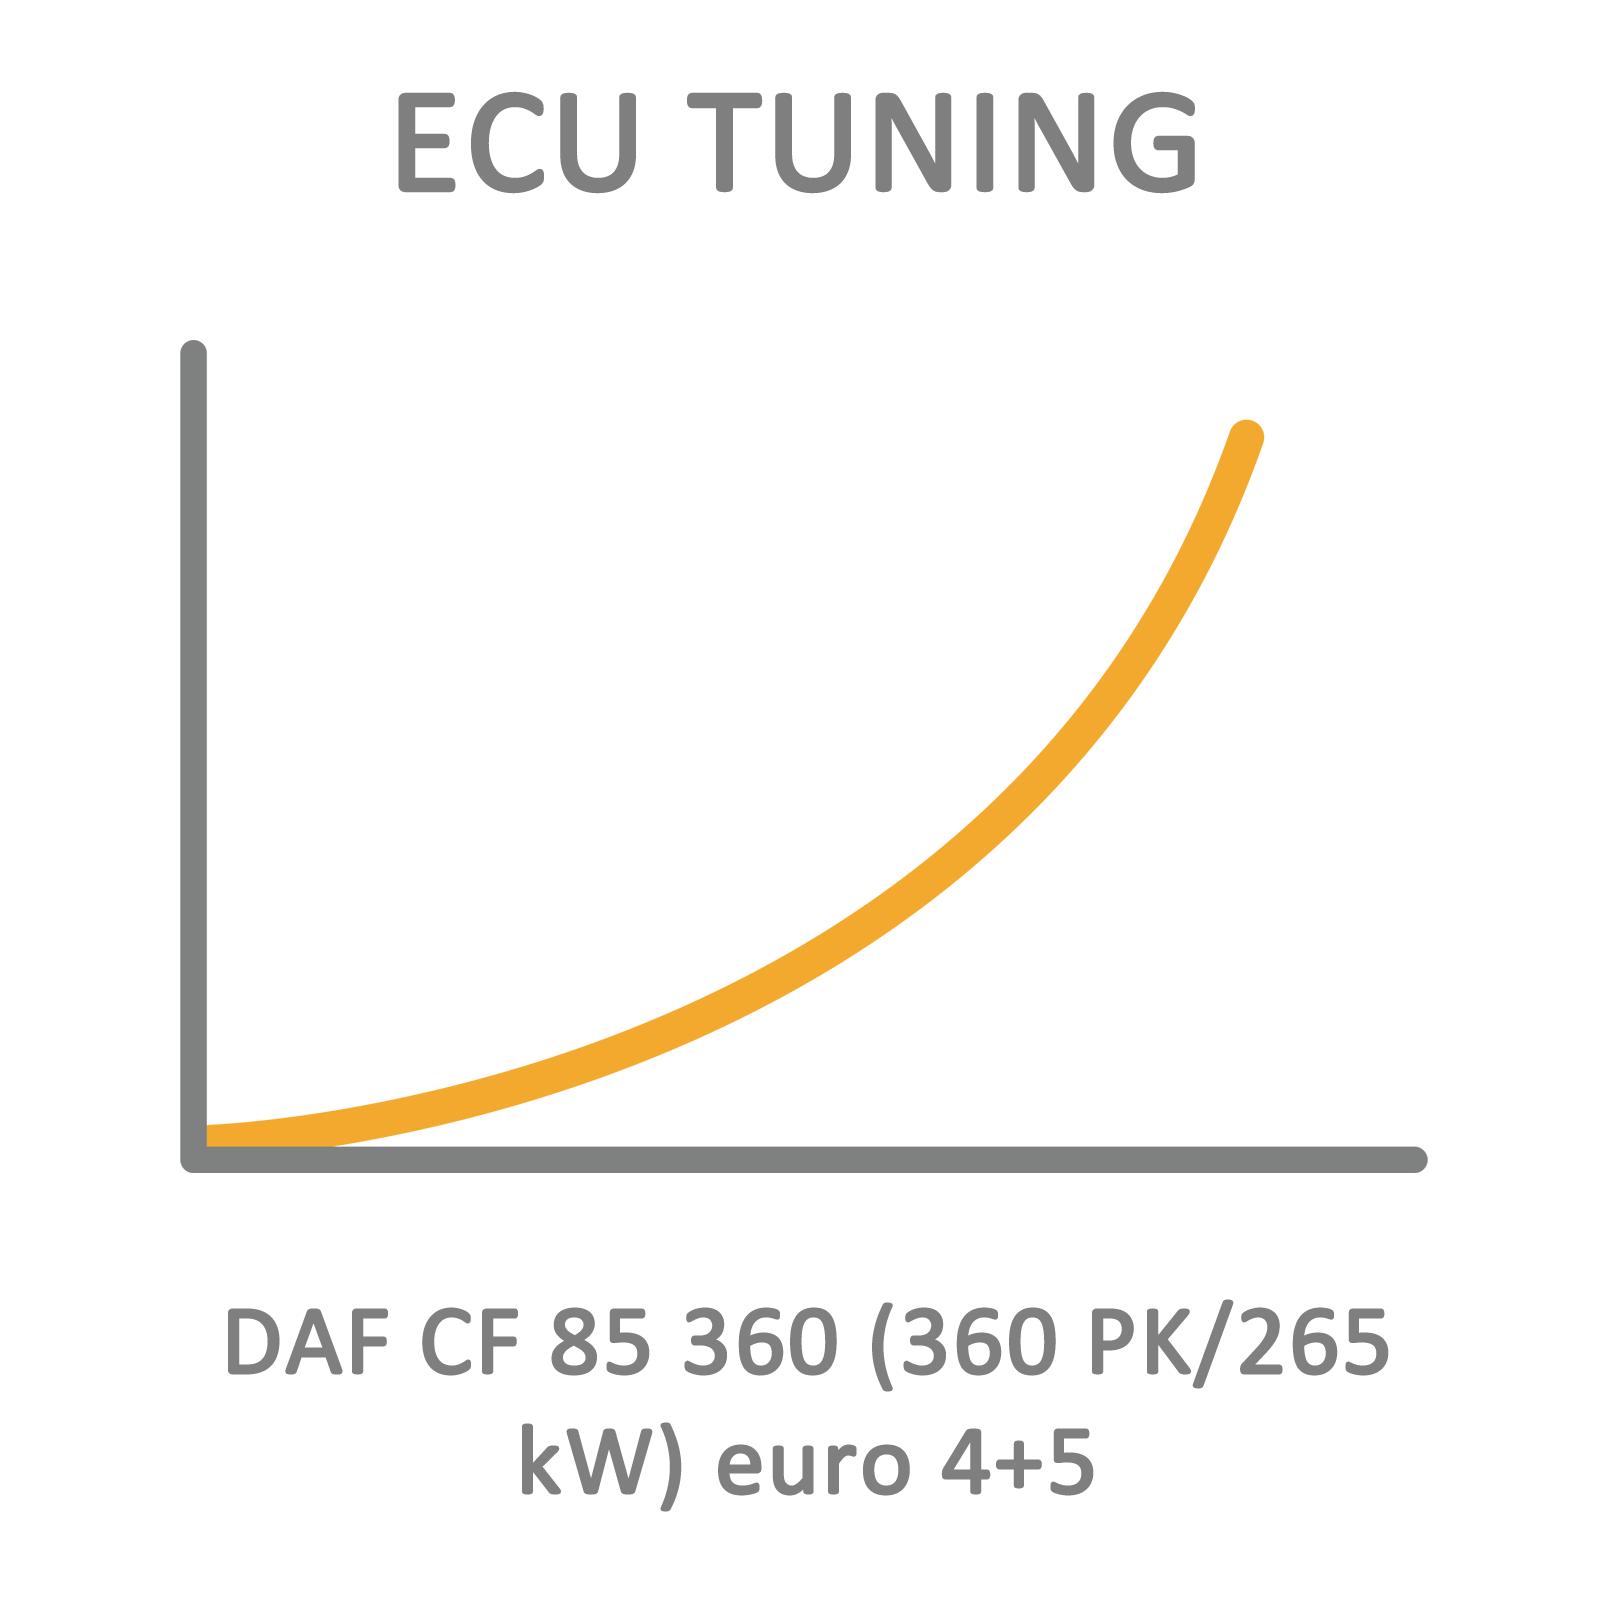 DAF CF 85 360 (360 PK/265 kW) euro 4+5 ECU Tuning